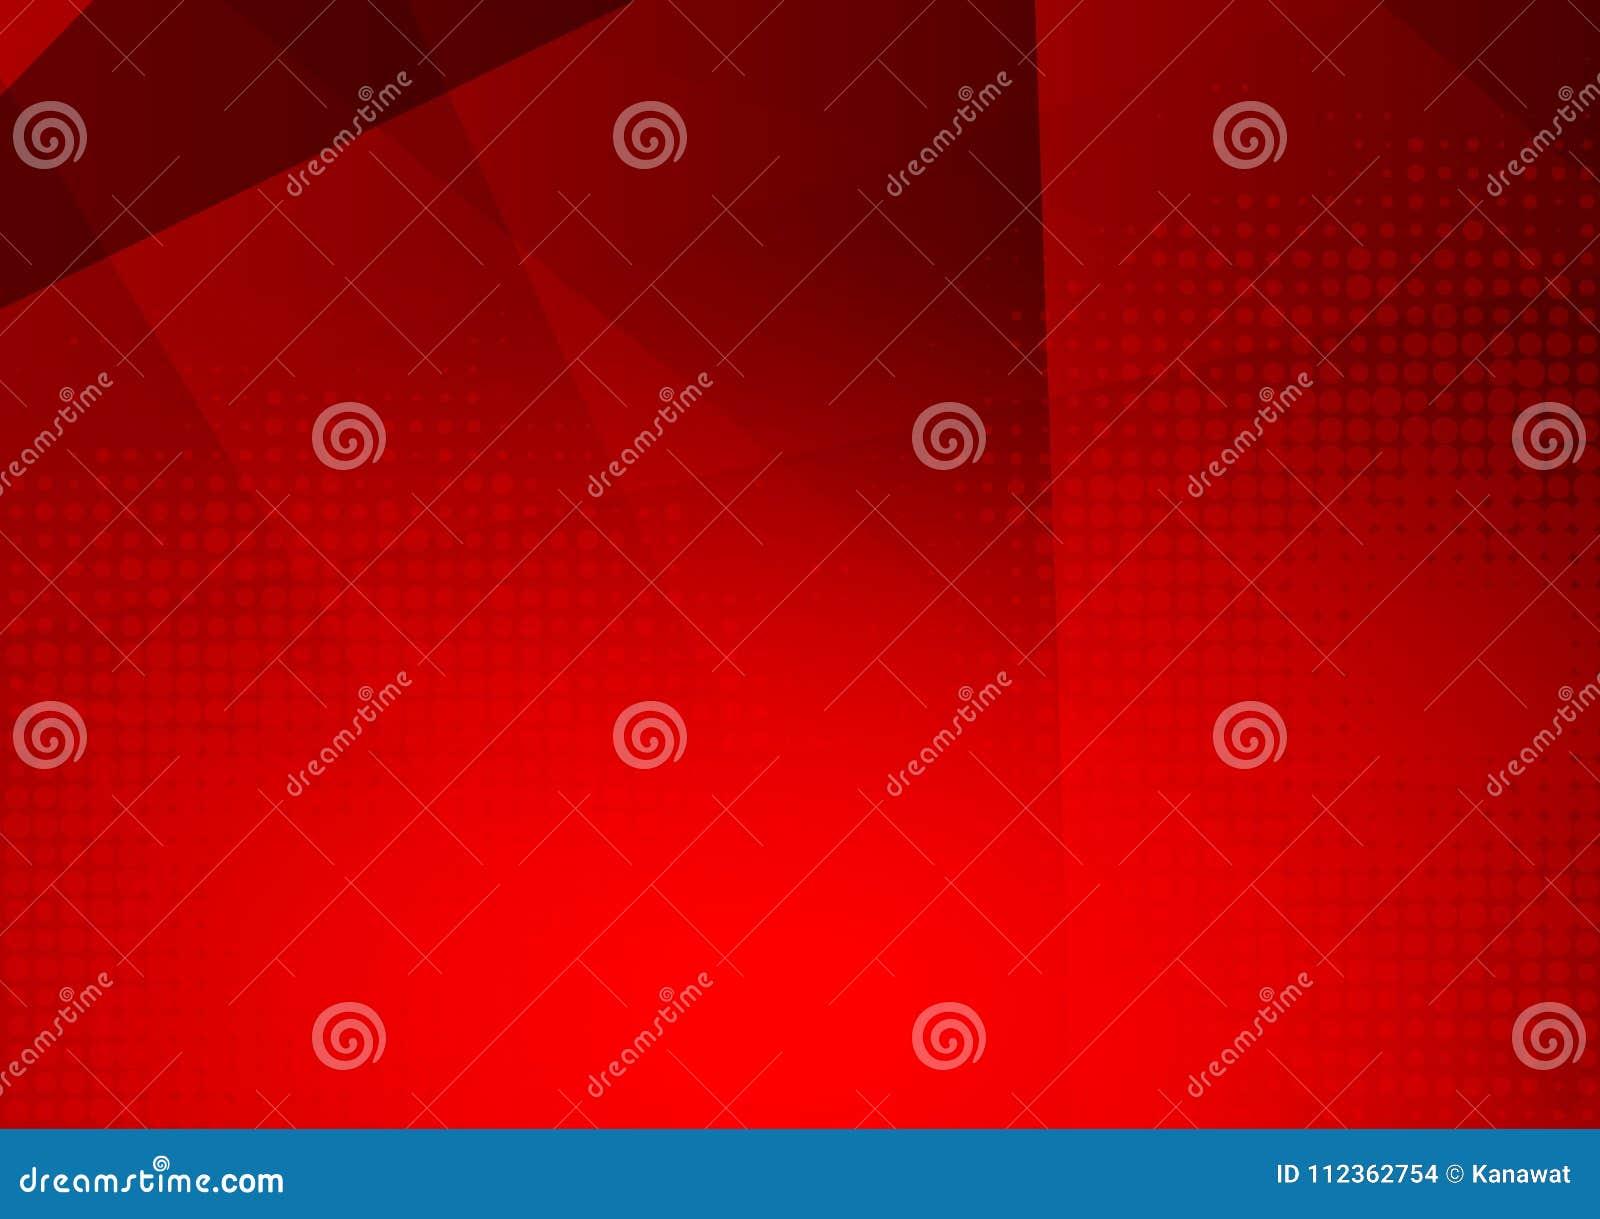 Красная современная футуристическая геометрическая абстрактная предпосылка вектора с космосом экземпляра, современным дизайном